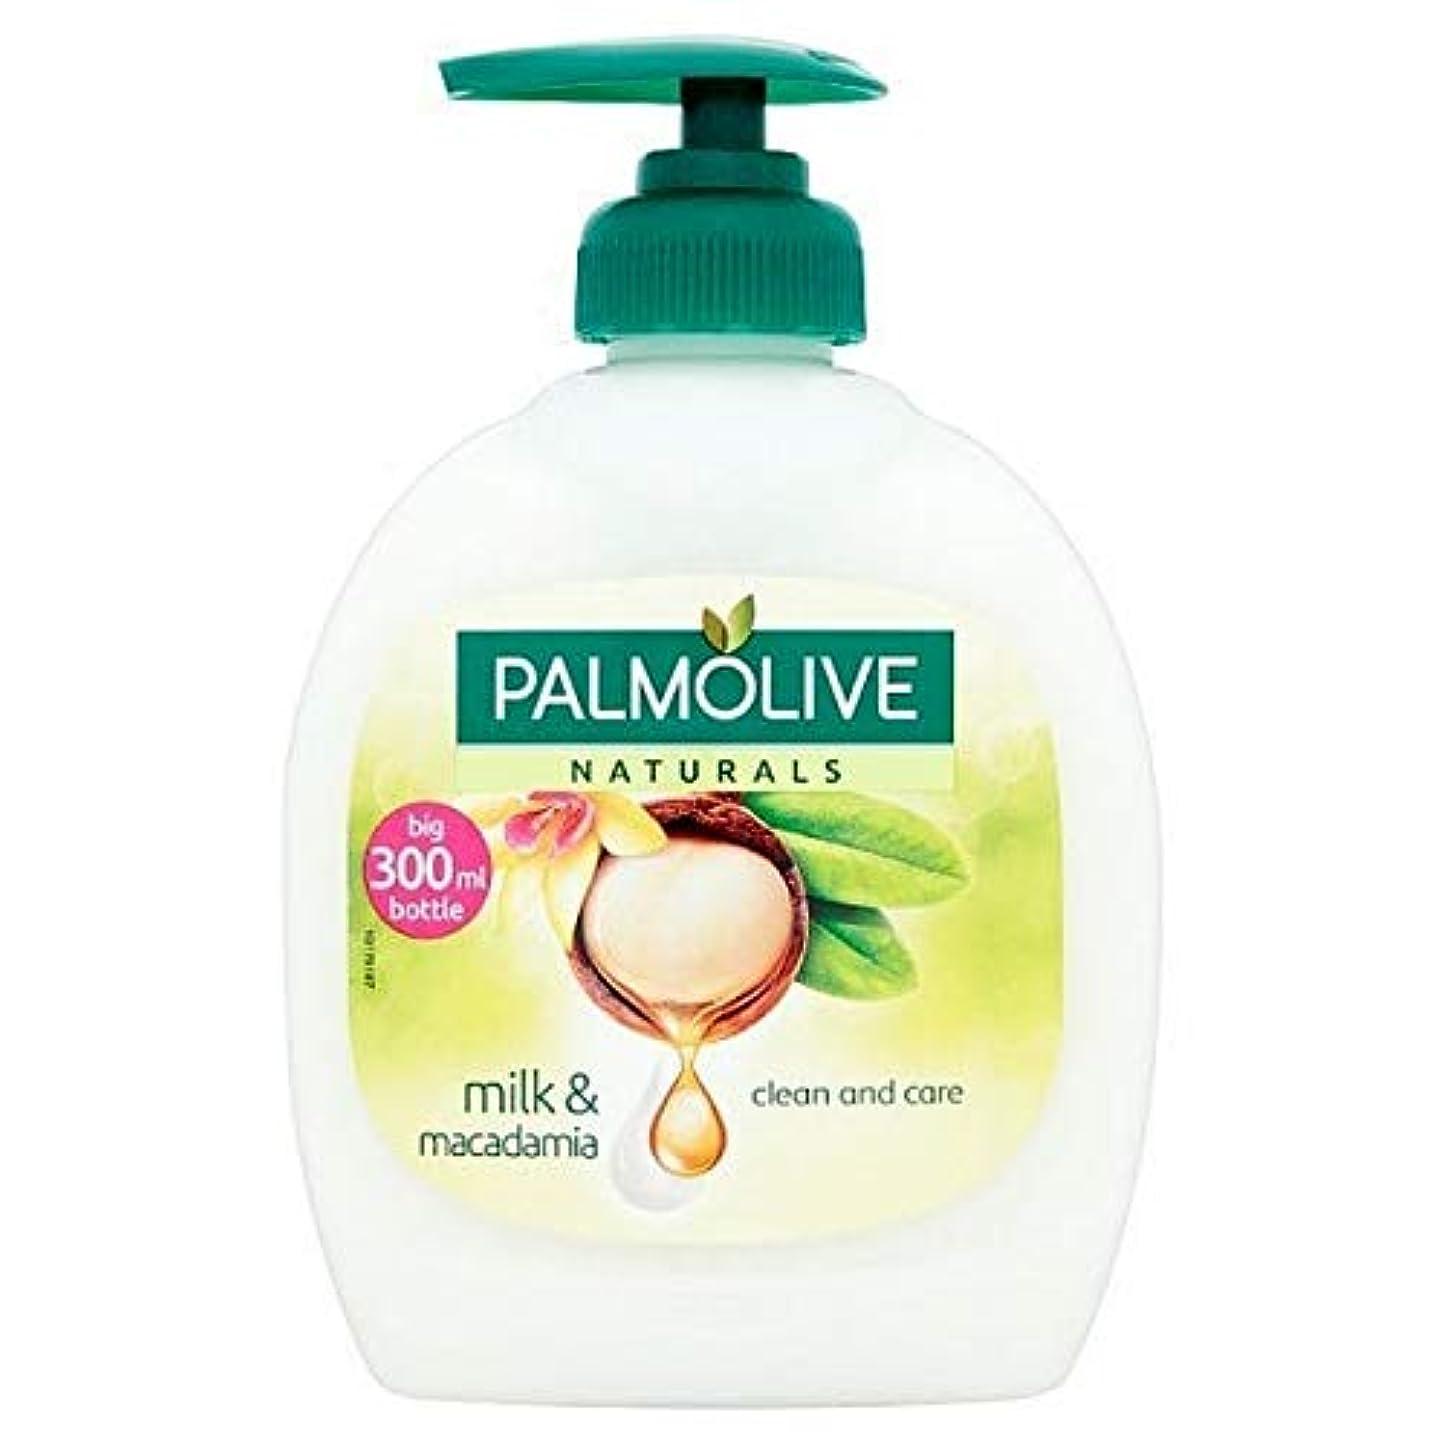 戦艦叱る印刷する[Palmolive ] パルモライブナチュラルマカダミア&バニラ液体手洗いの300ミリリットル - Palmolive Naturals Macadamia & Vanilla Liquid Handwash 300ml [並行輸入品]